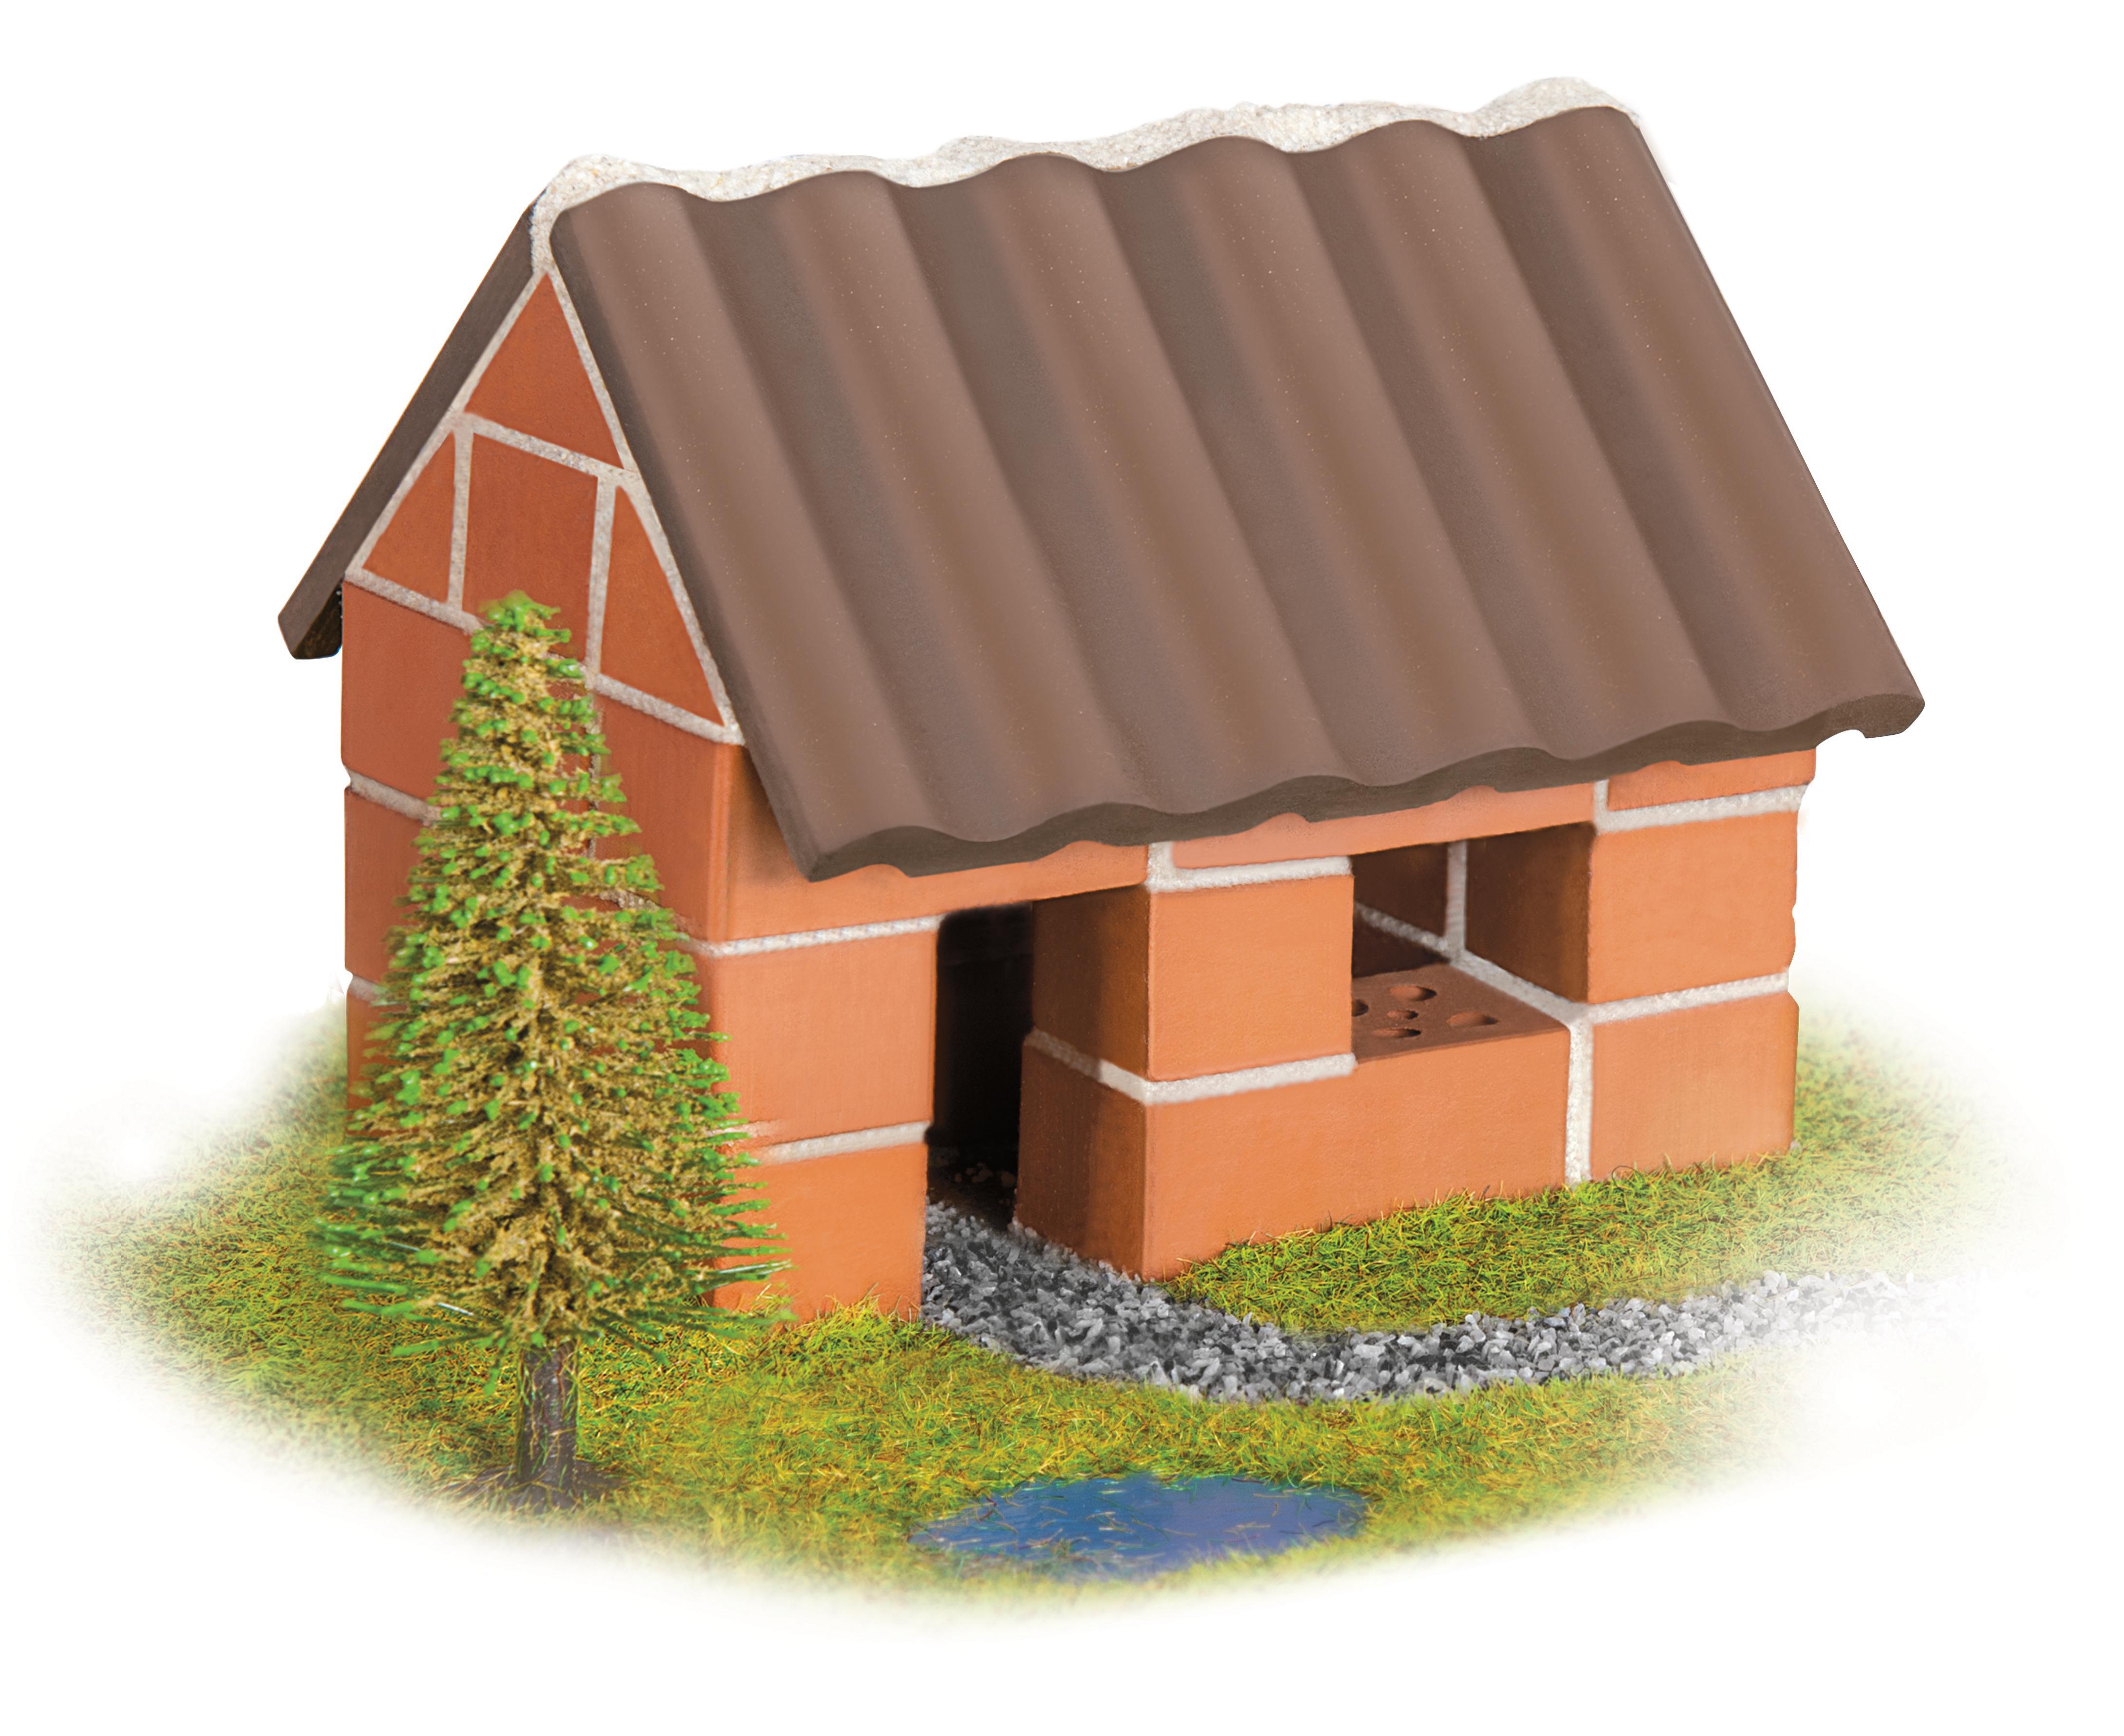 Teifoc Kleines Einfamilienhaus